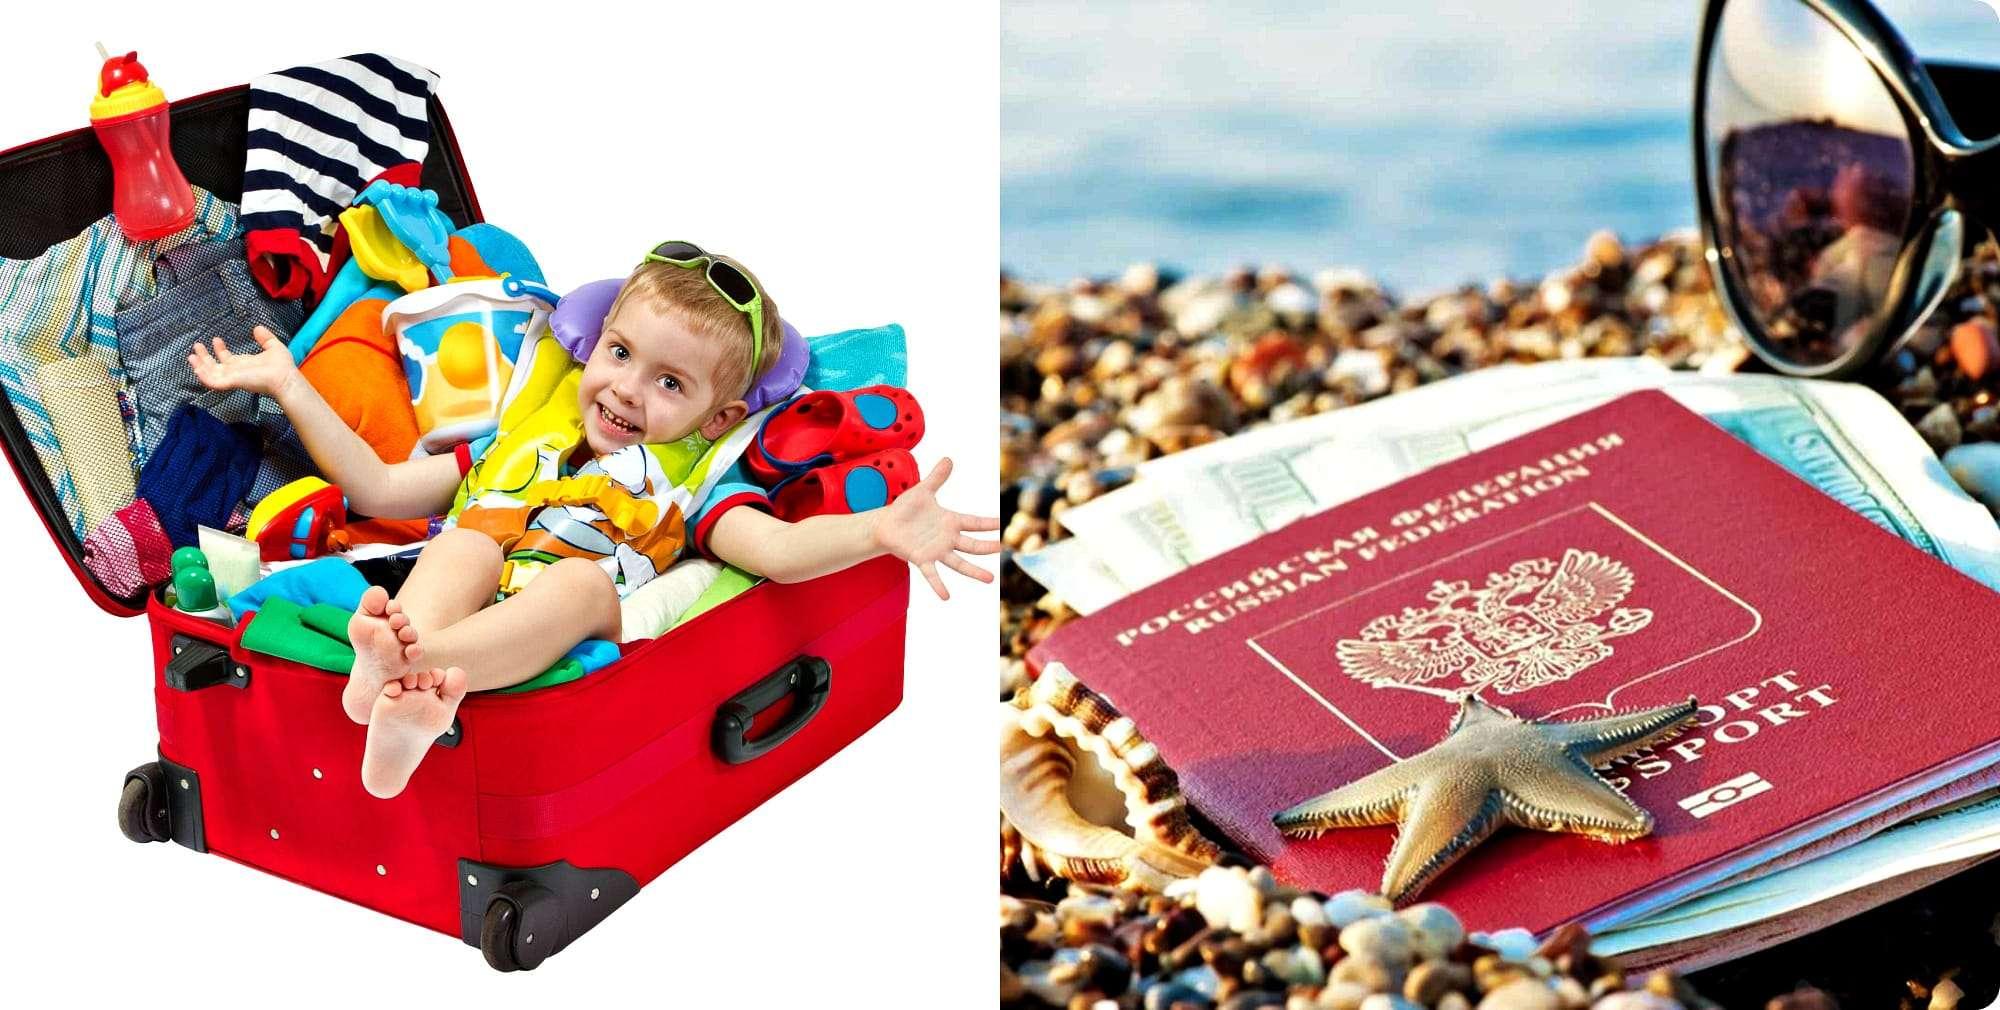 Путешествие летом 2019. Что нужно взять с собой: список необходимых вещей, советы и рекомендации